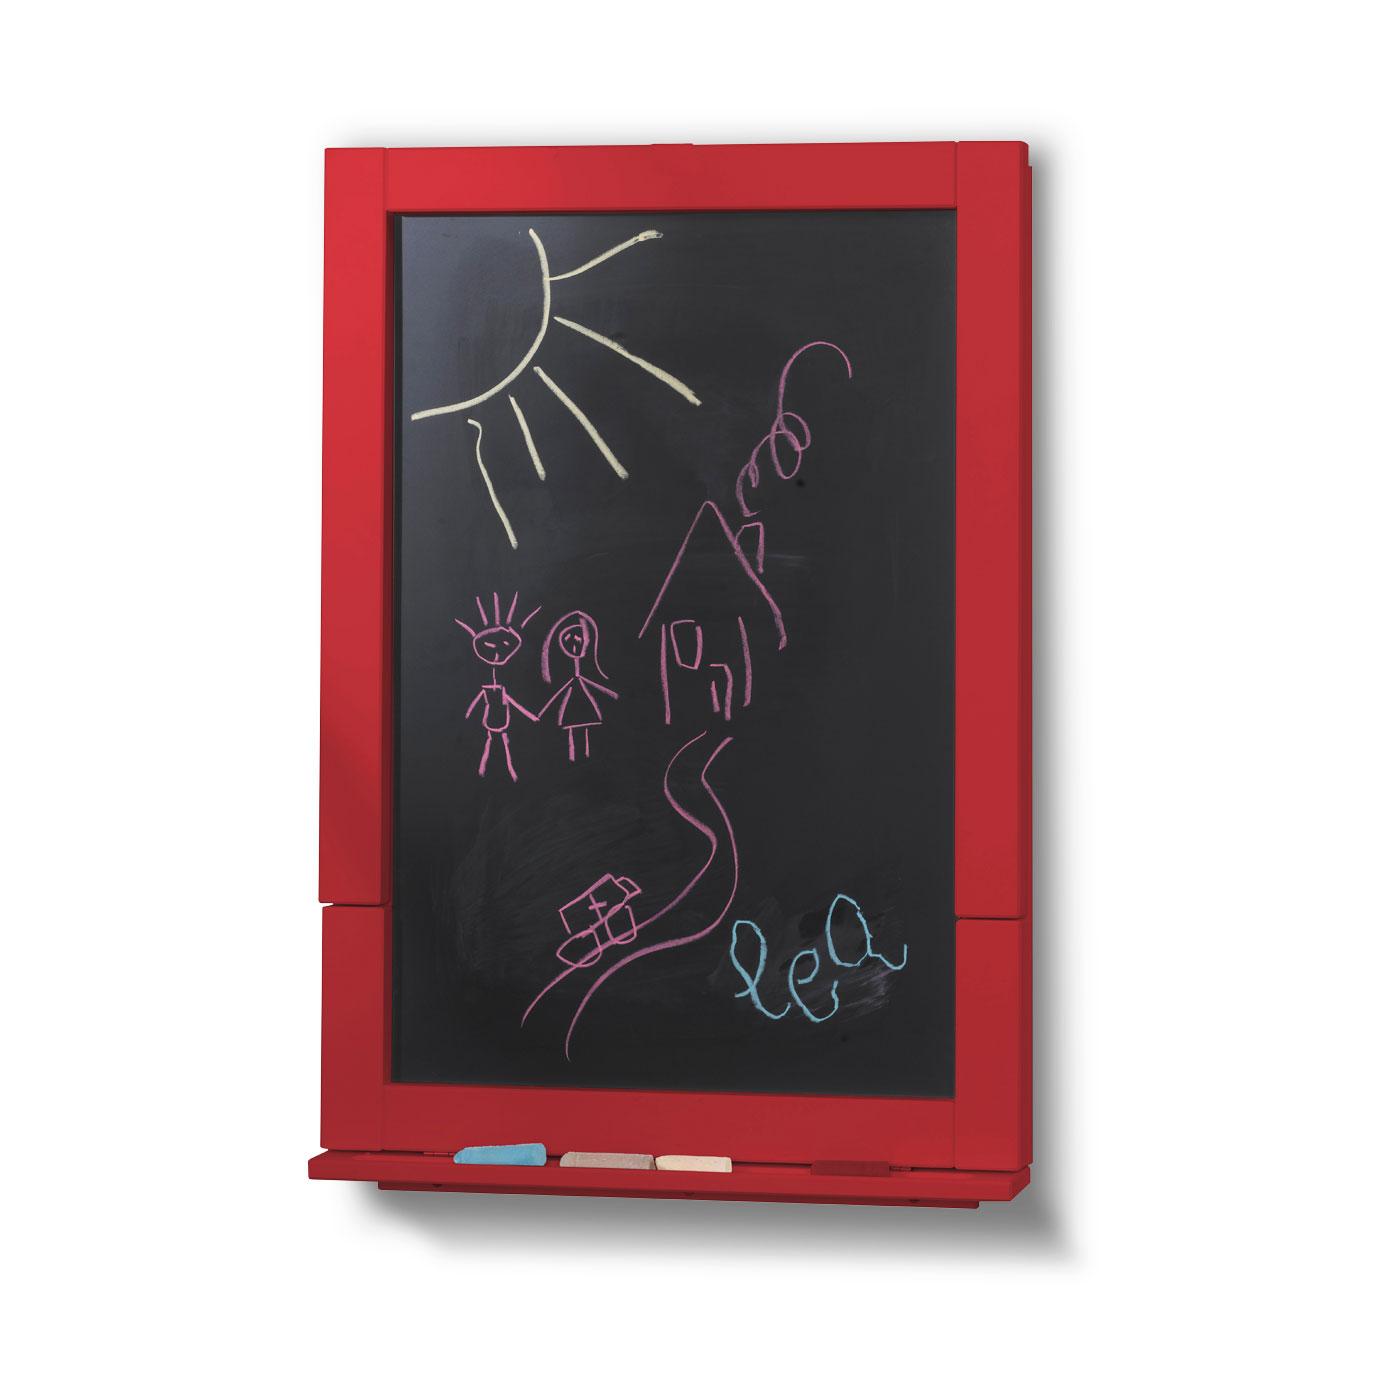 tableau bureau 2en1 enfant rouge idkid 39 s. Black Bedroom Furniture Sets. Home Design Ideas